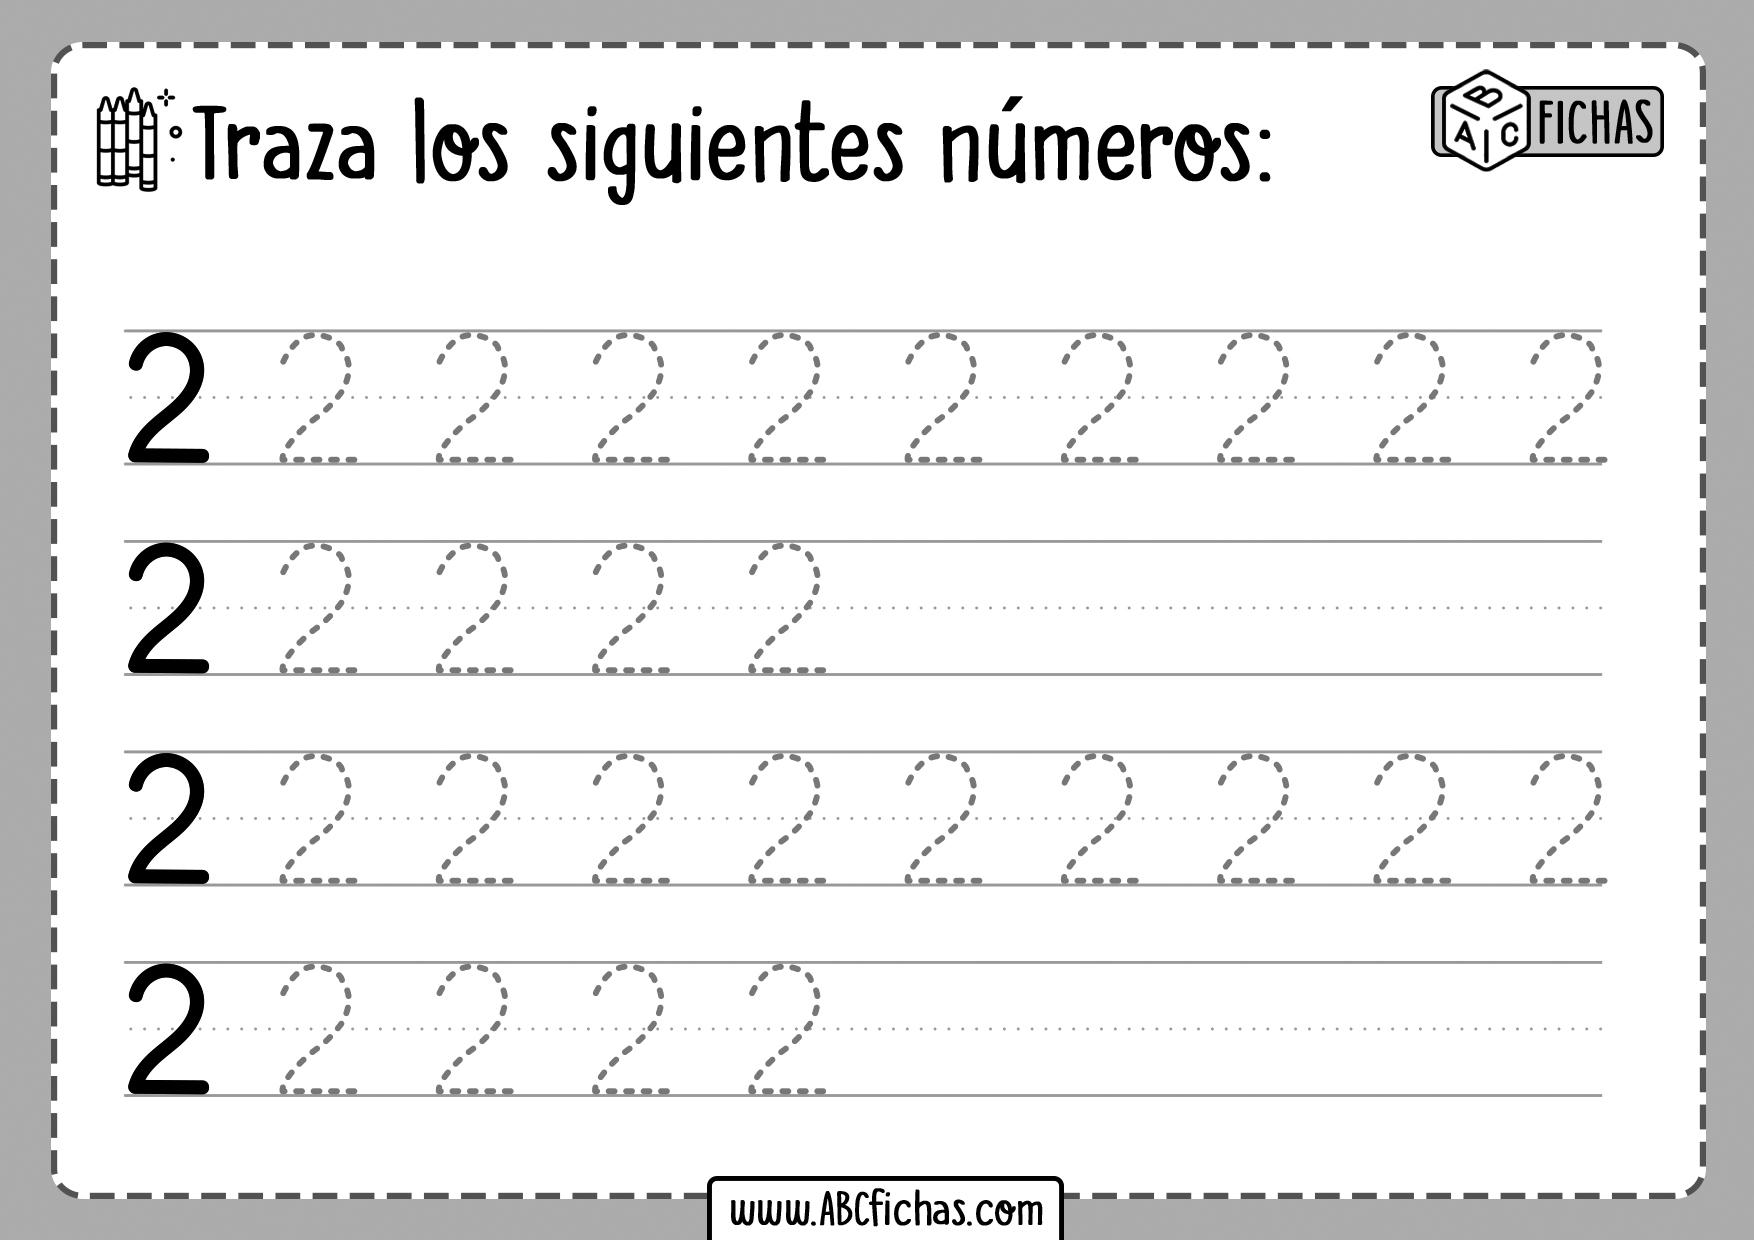 Fichas para aprender a trazar los Numeros